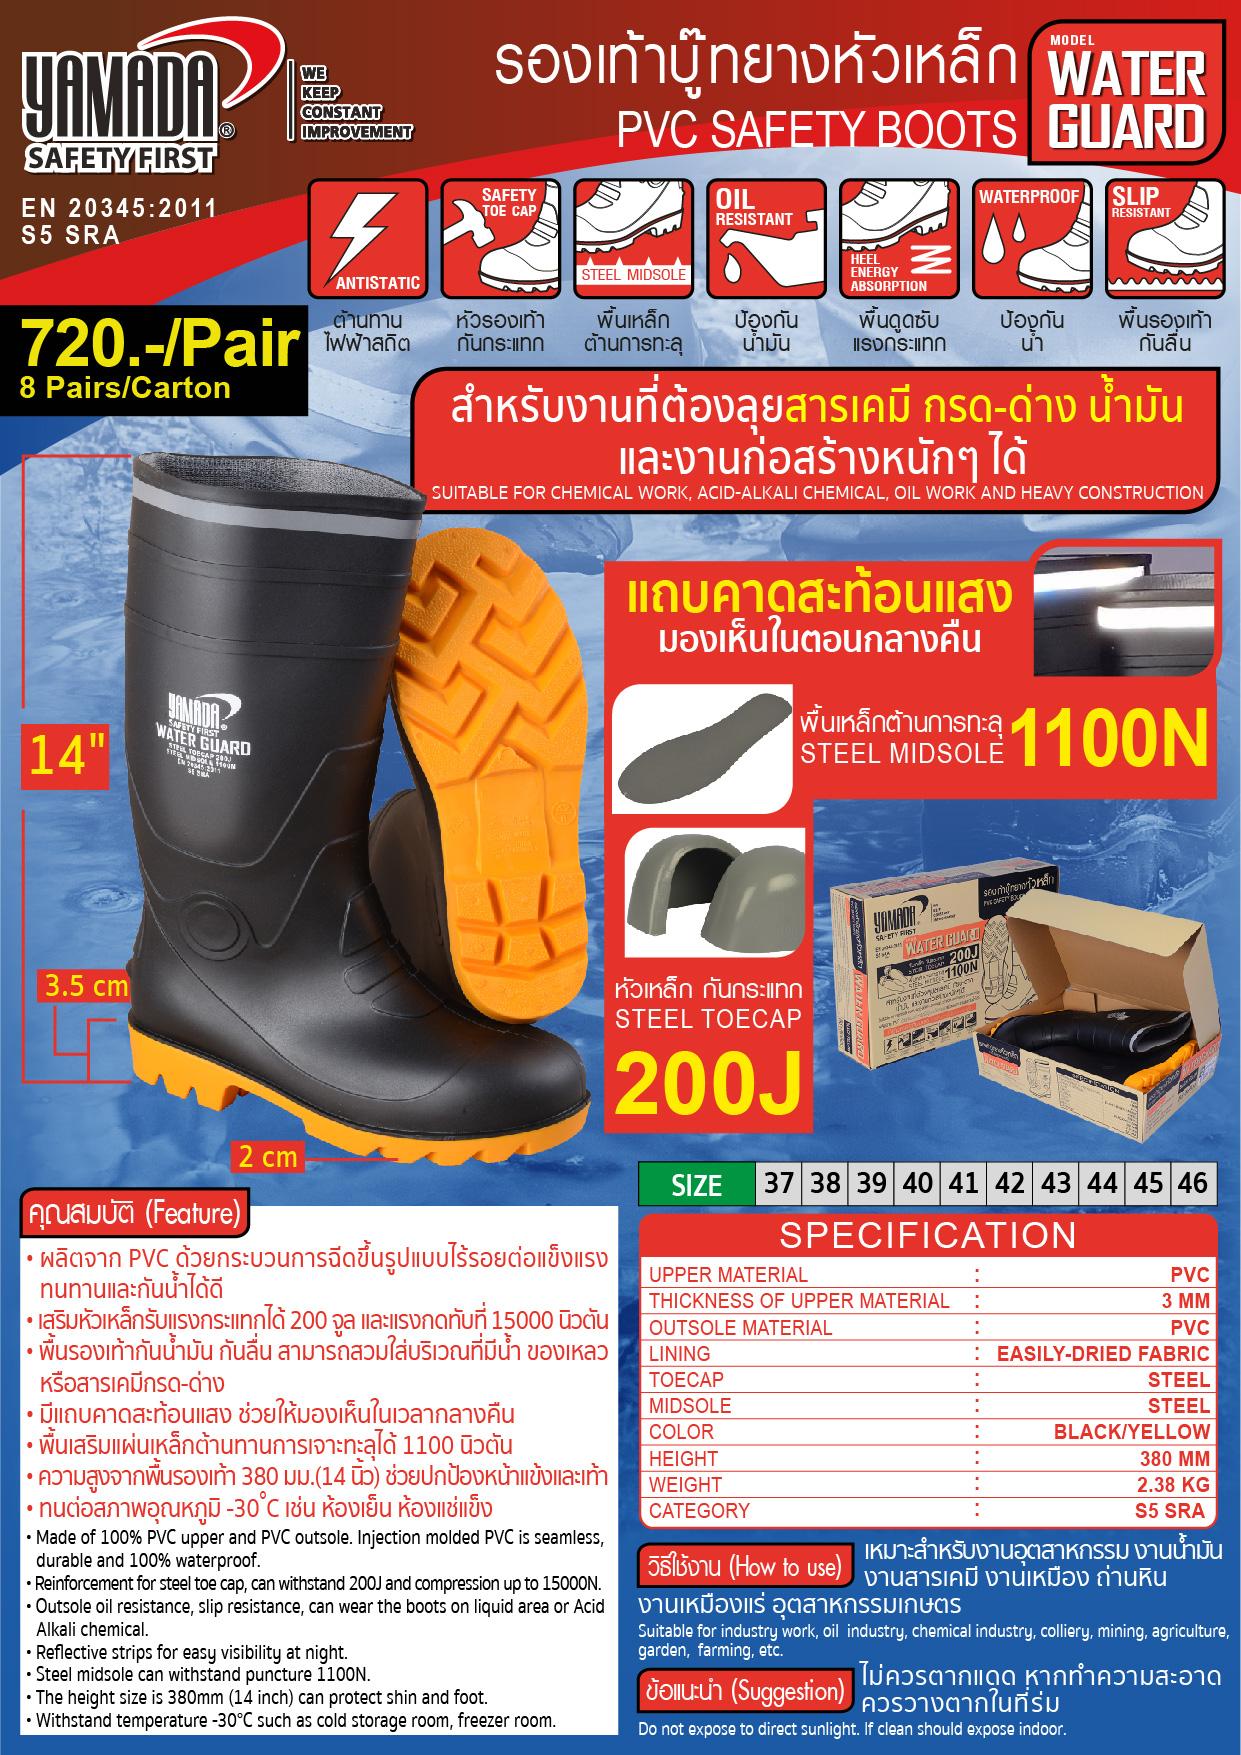 (136/278) รองเท้าบู๊ทยางหัวเหล็ก Water Guard